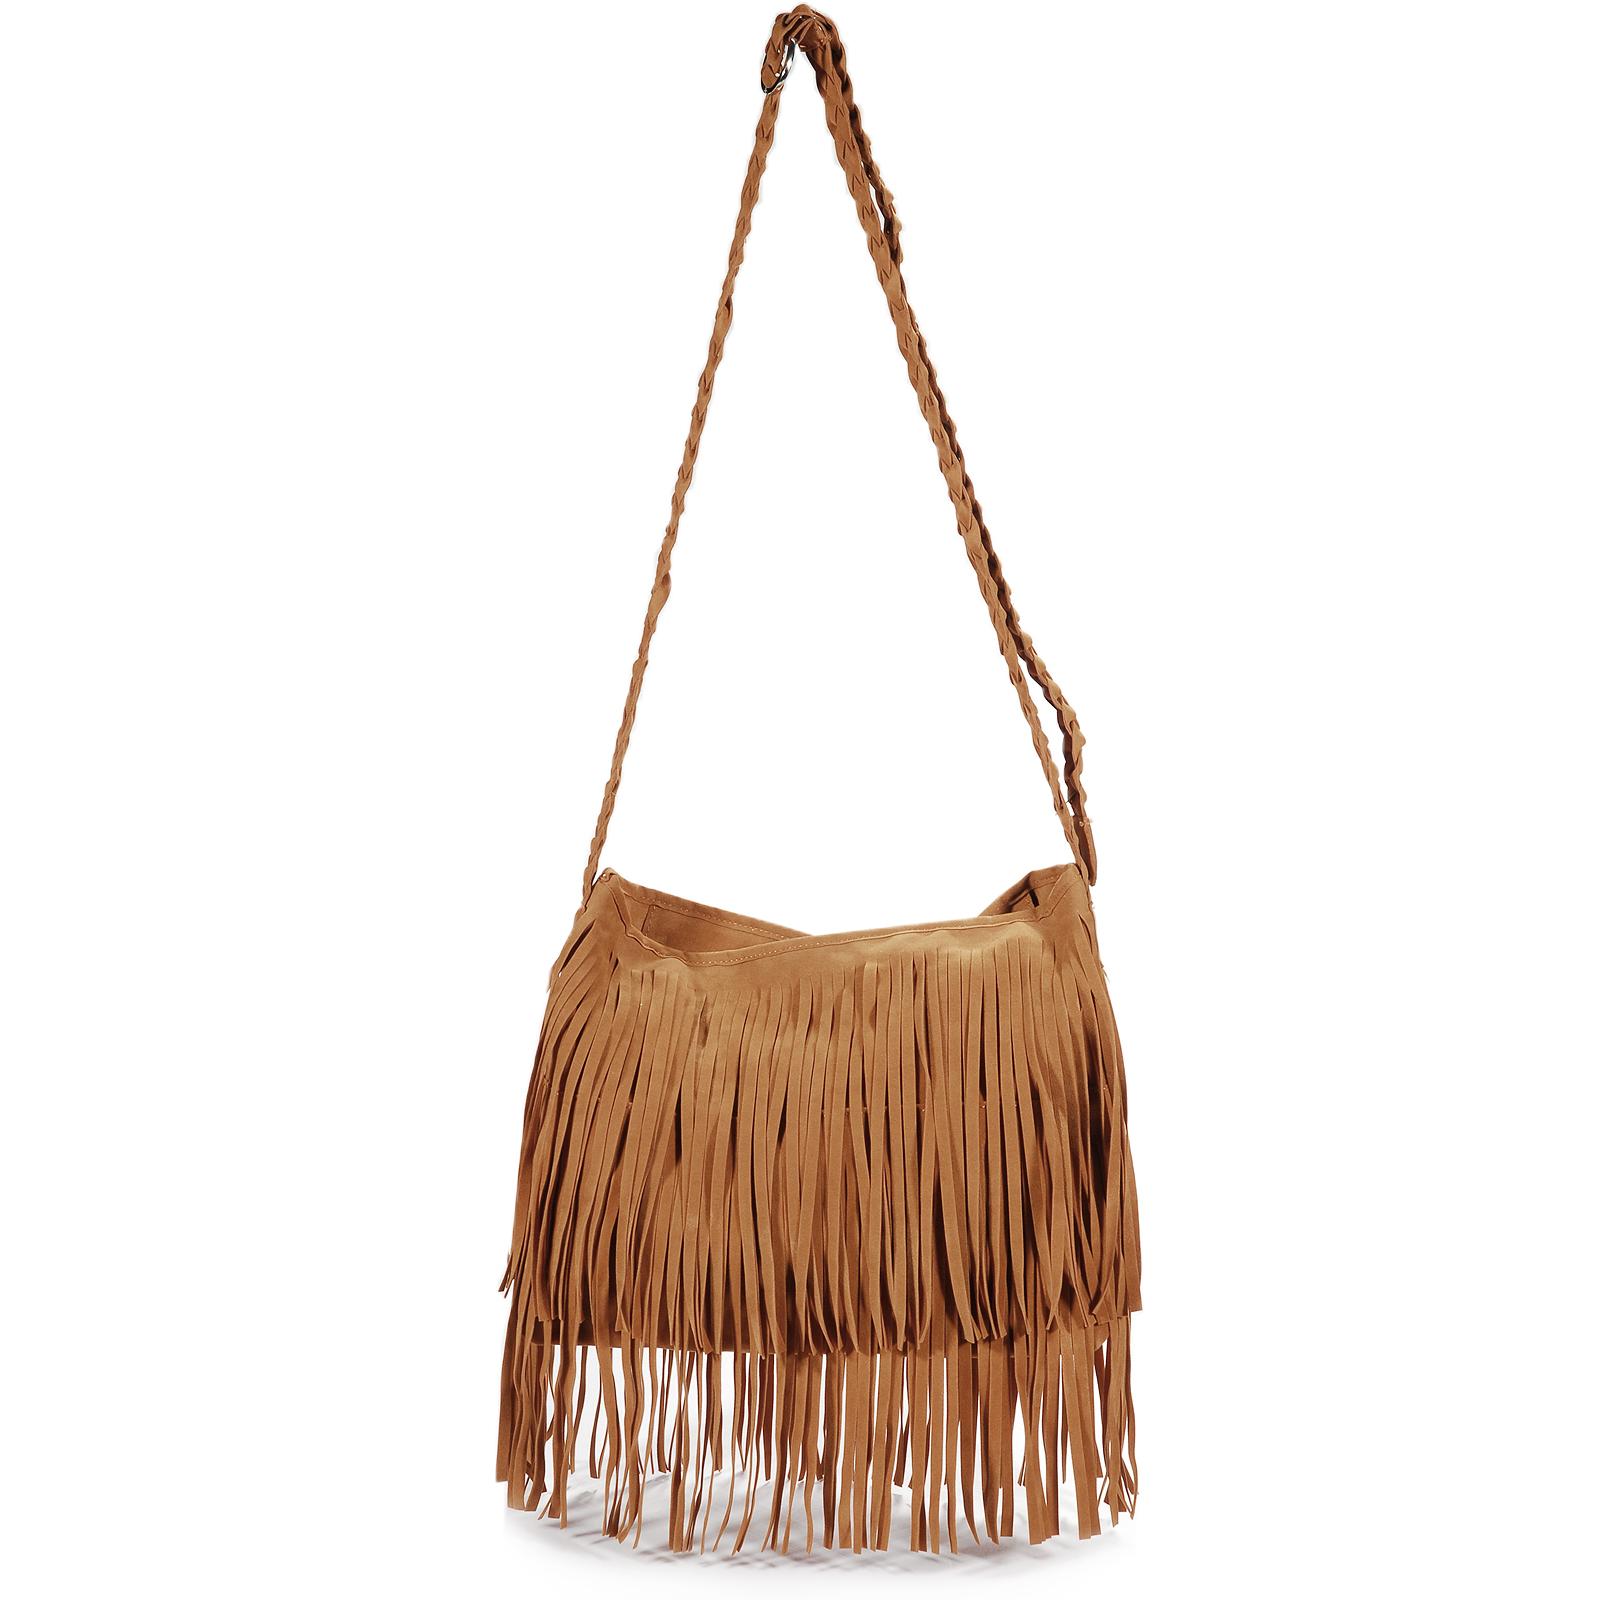 Vintage Women's Faux Suede Fringe Tassels Crossbody Bag Shoulder ...